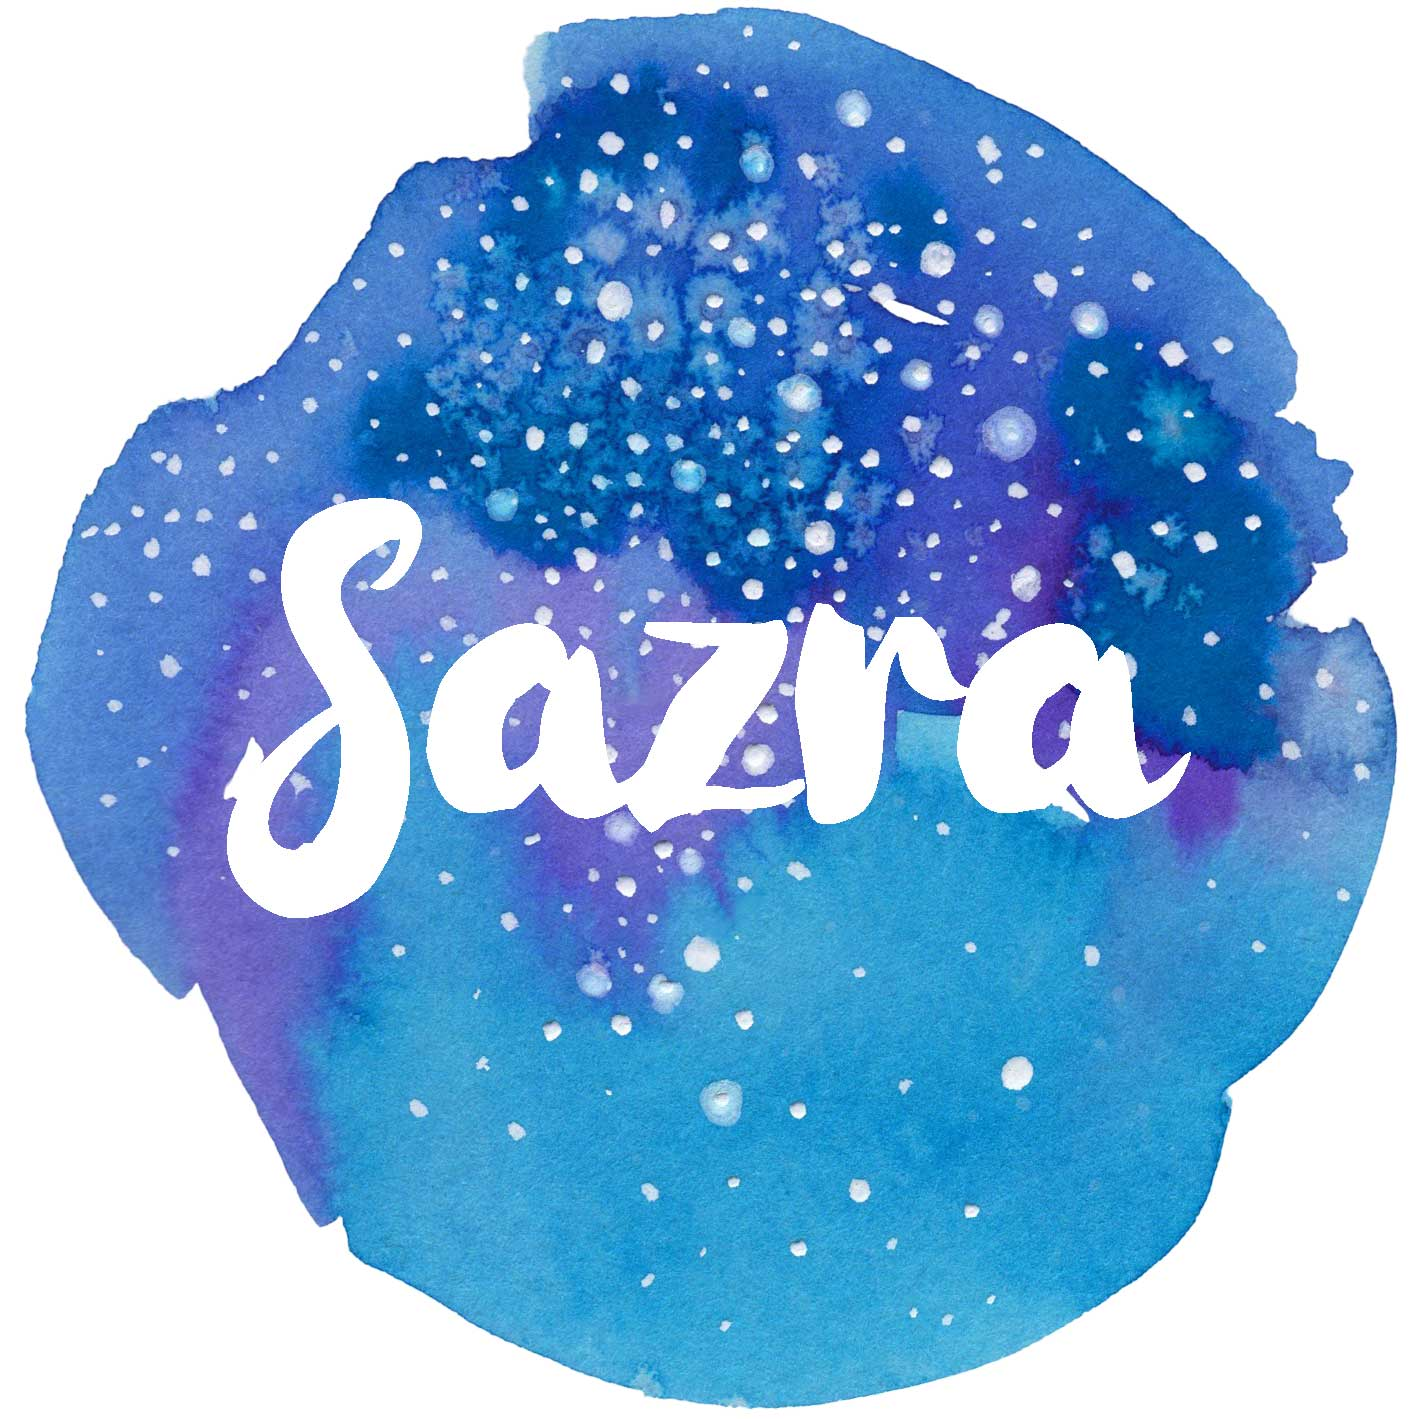 Sazra